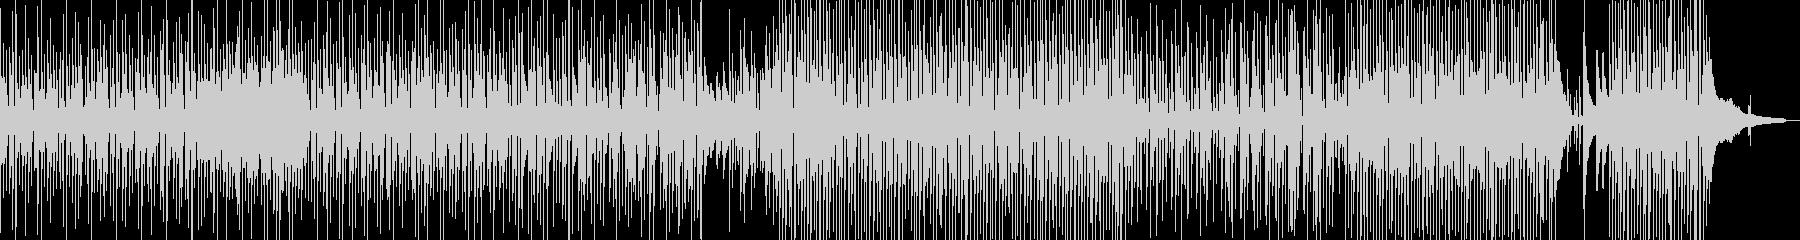 まったり→軽快・ほのぼの作品に ★の未再生の波形